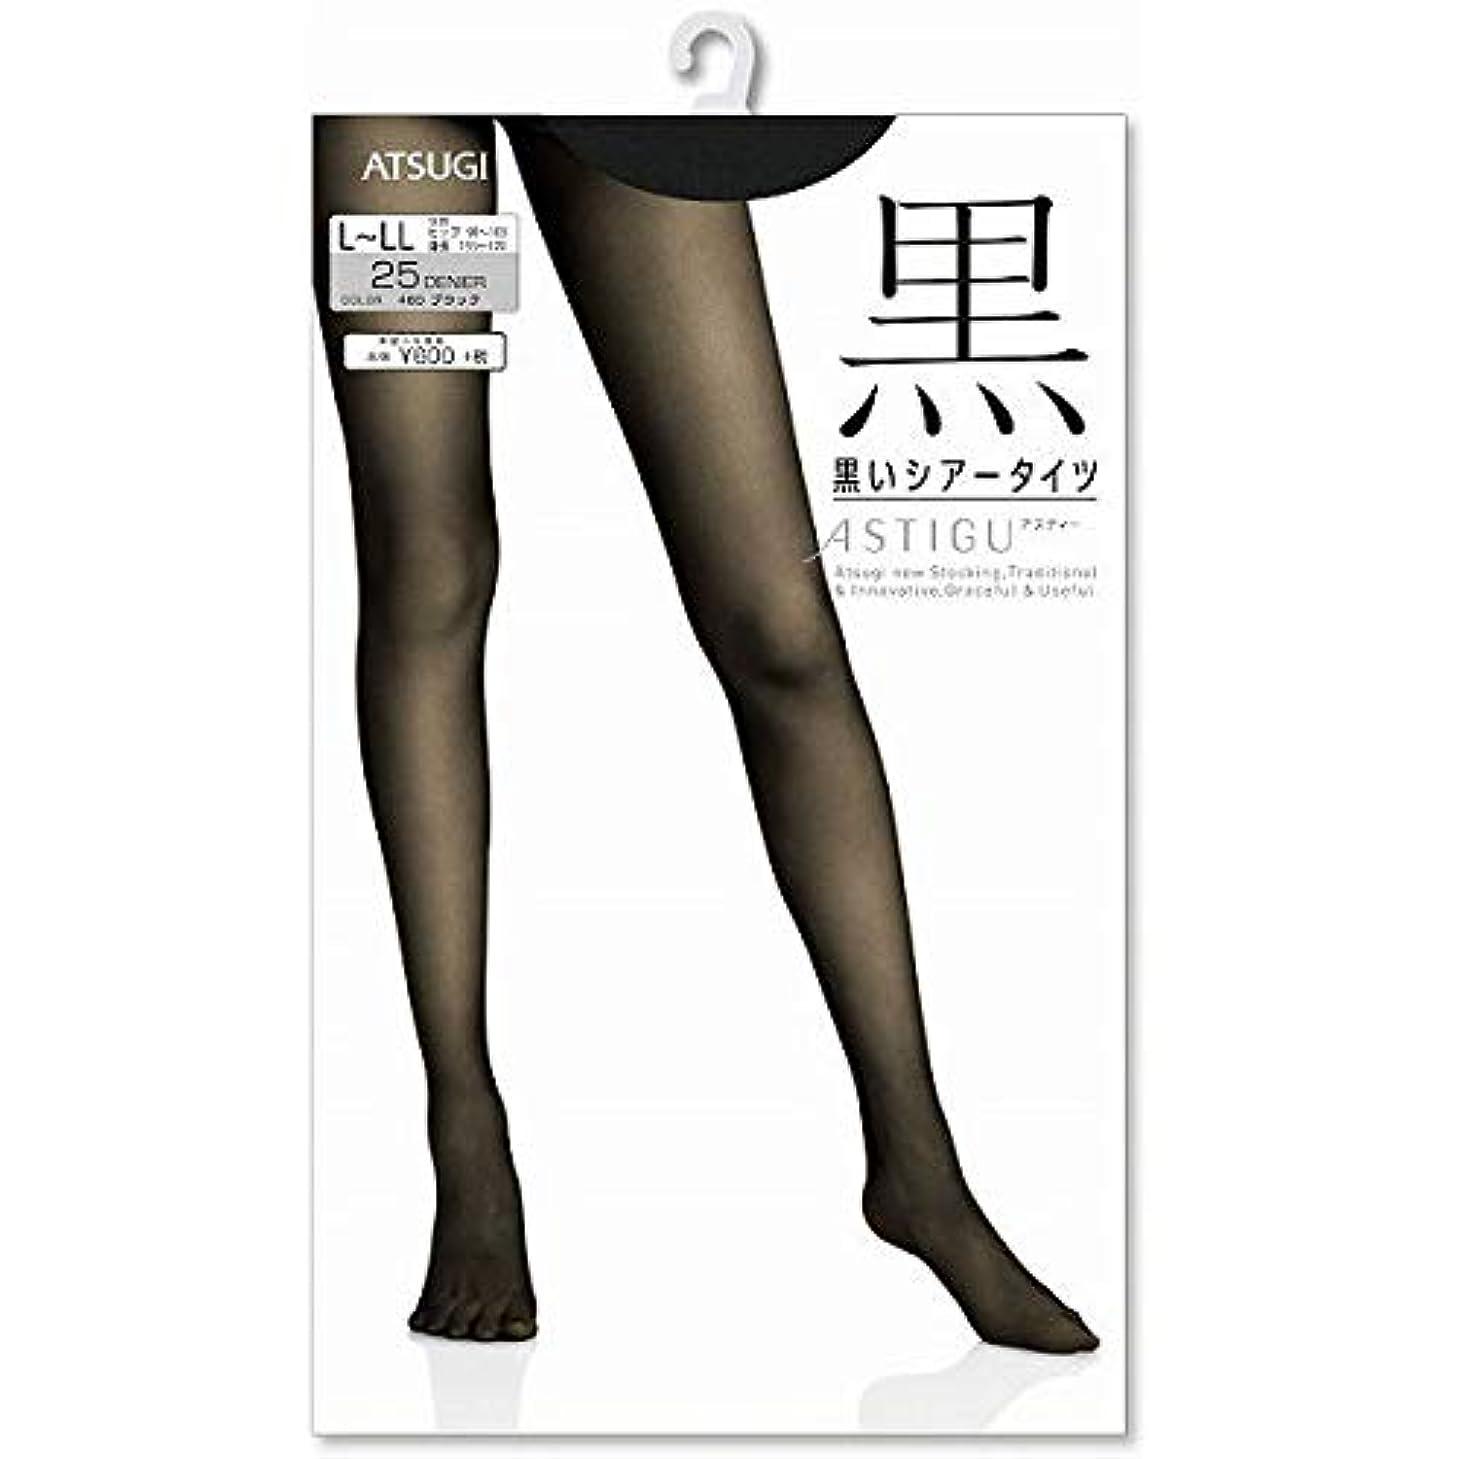 色傭兵収まるアツギ ASTIGU(アスティーグ) 黒いシアータイツ(ブラック)サイズ S~M